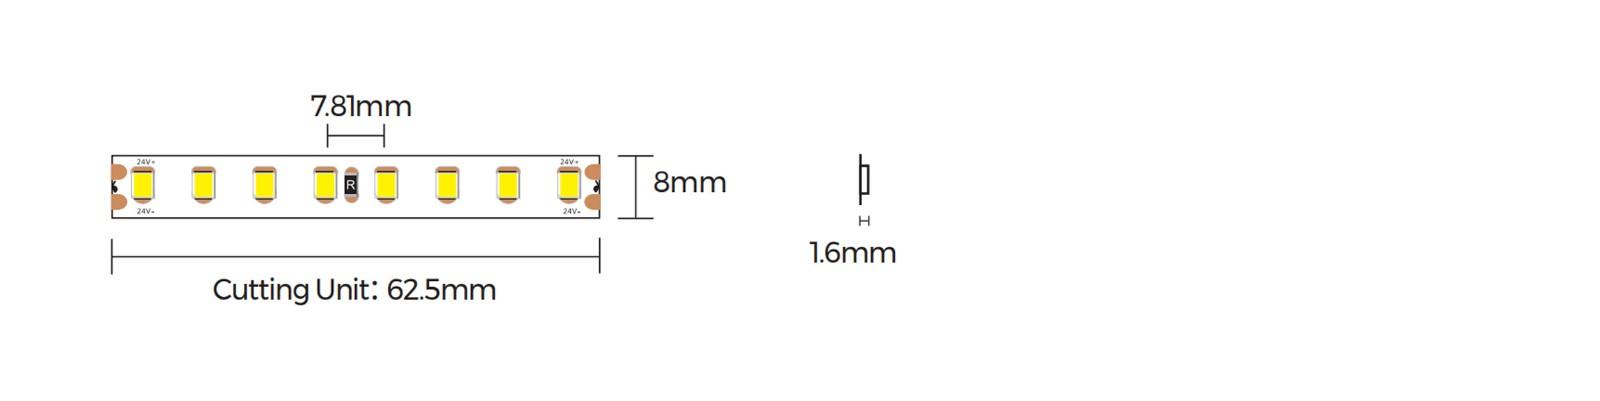 D8128-24V-8mm